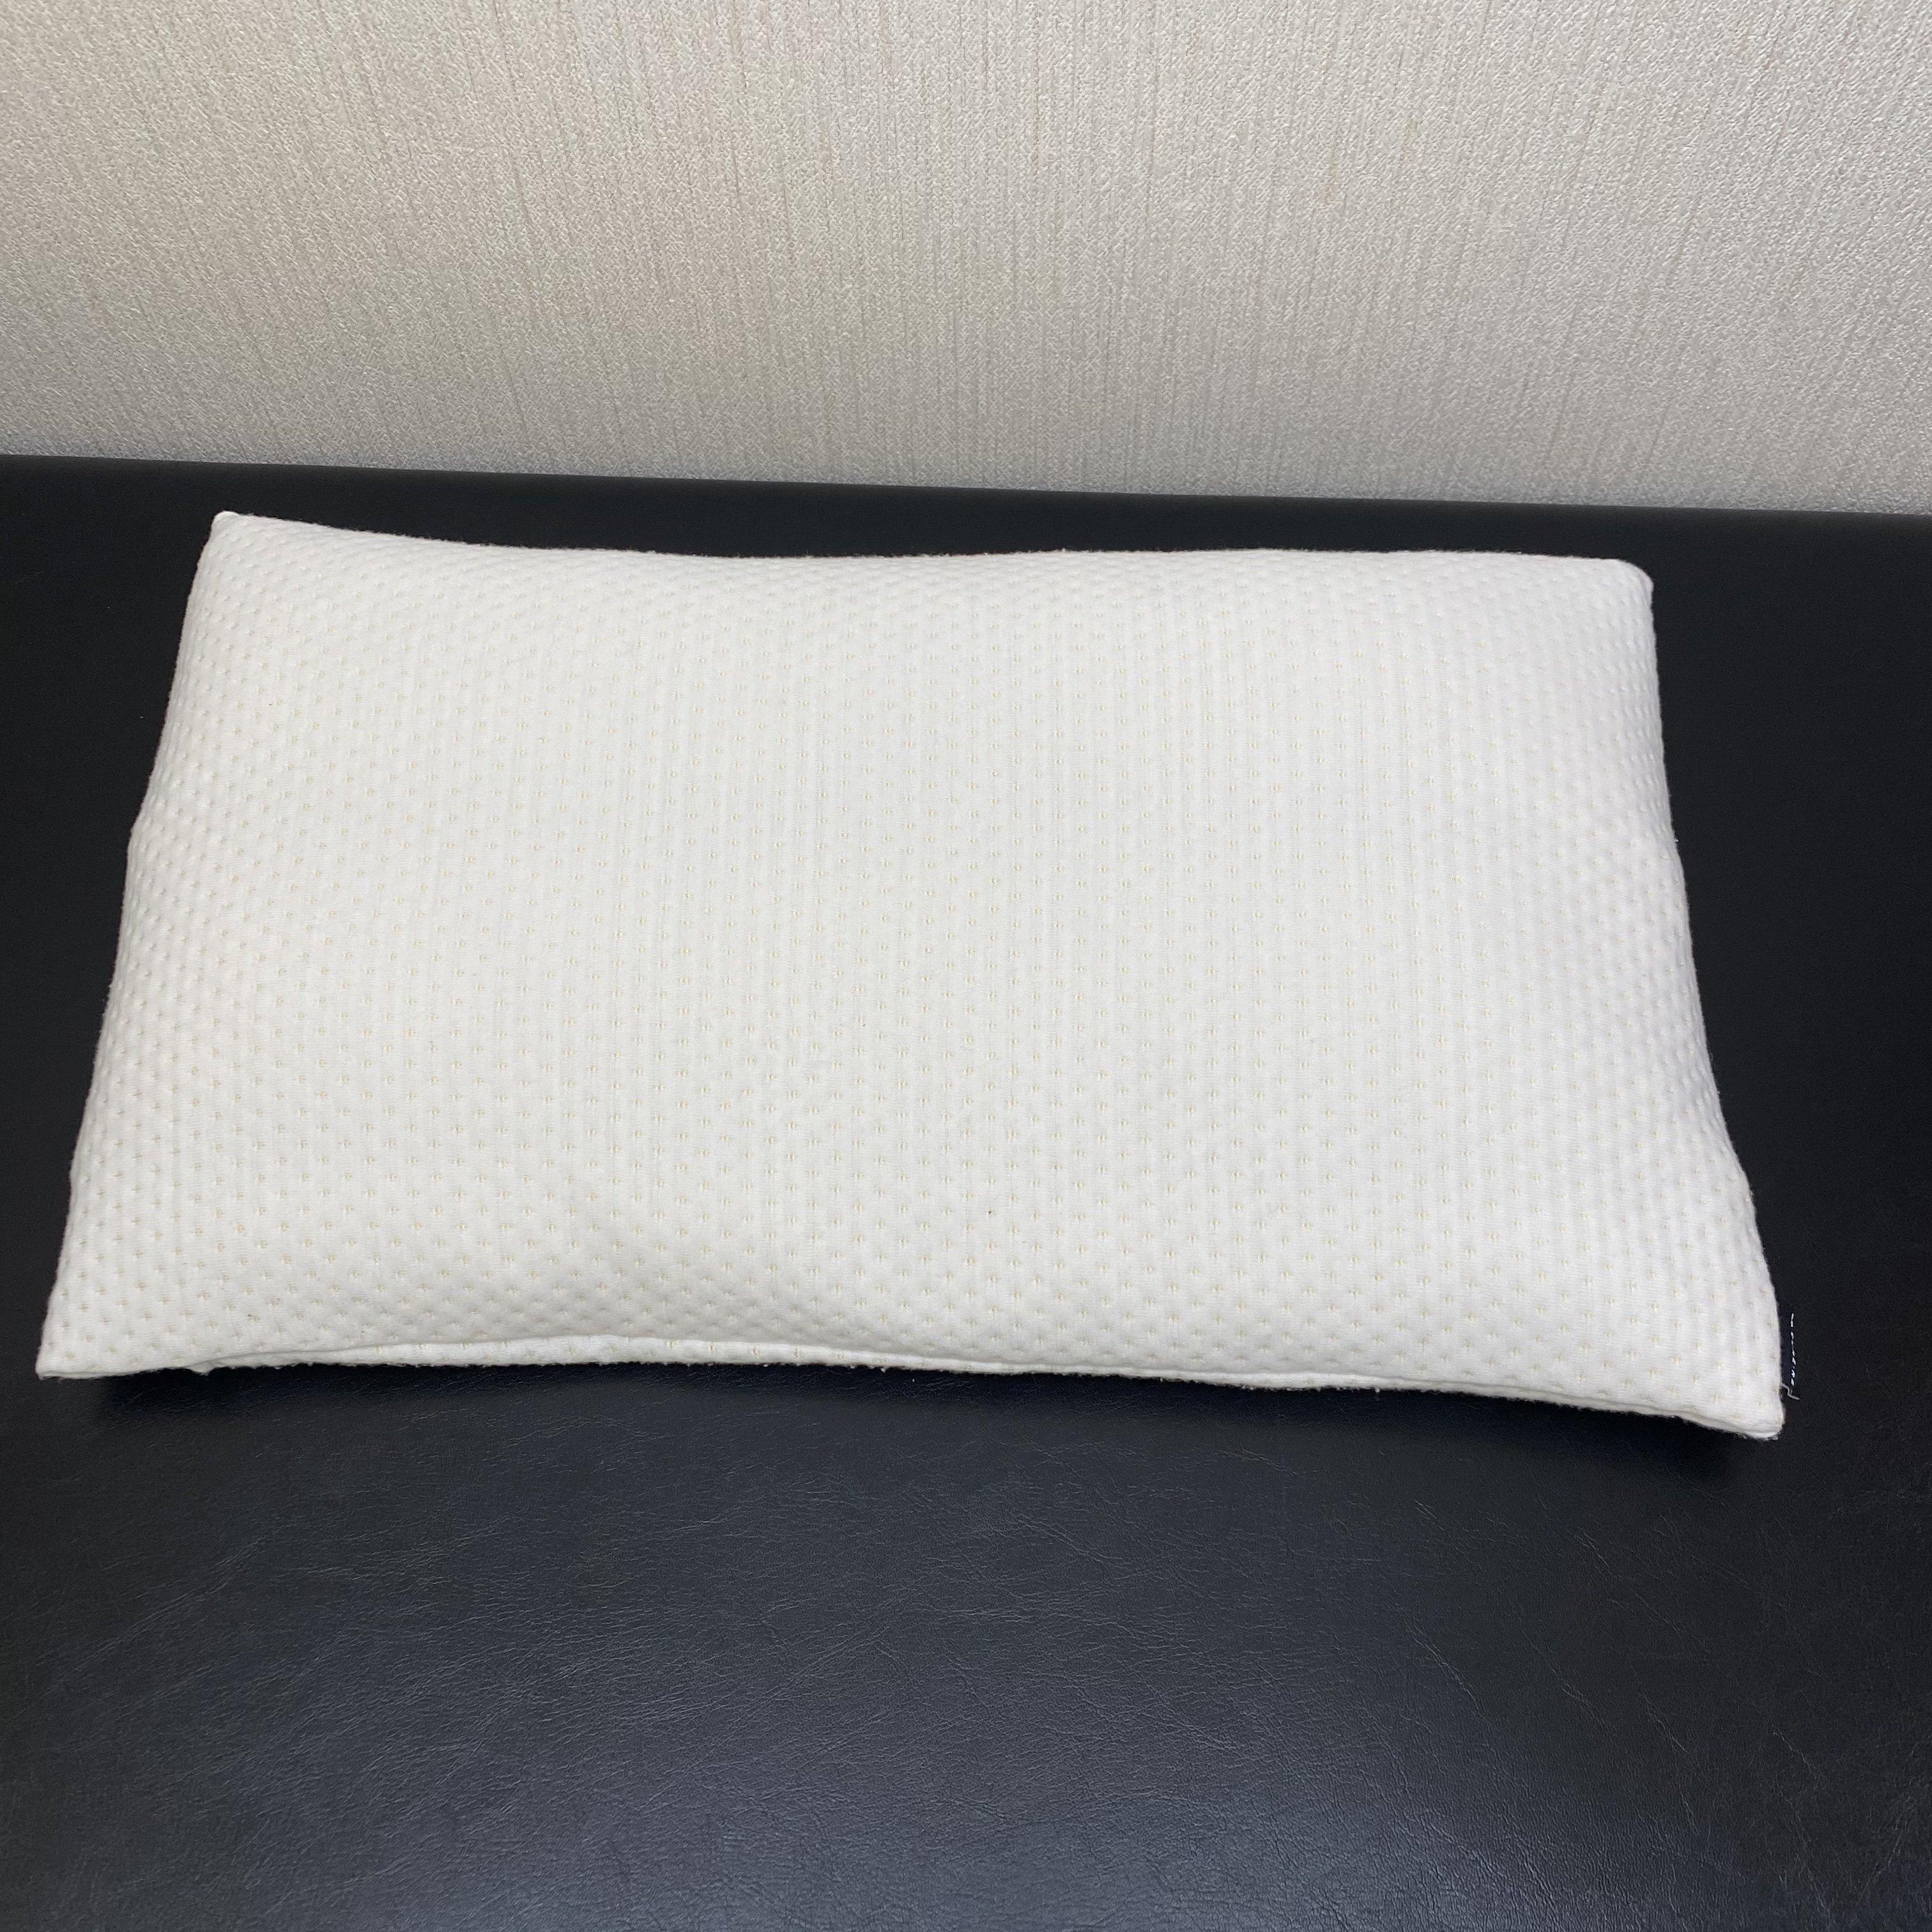 「寝るだけで体のゆがみを整える魔法の枕」購入ウェブチケットのイメージその3